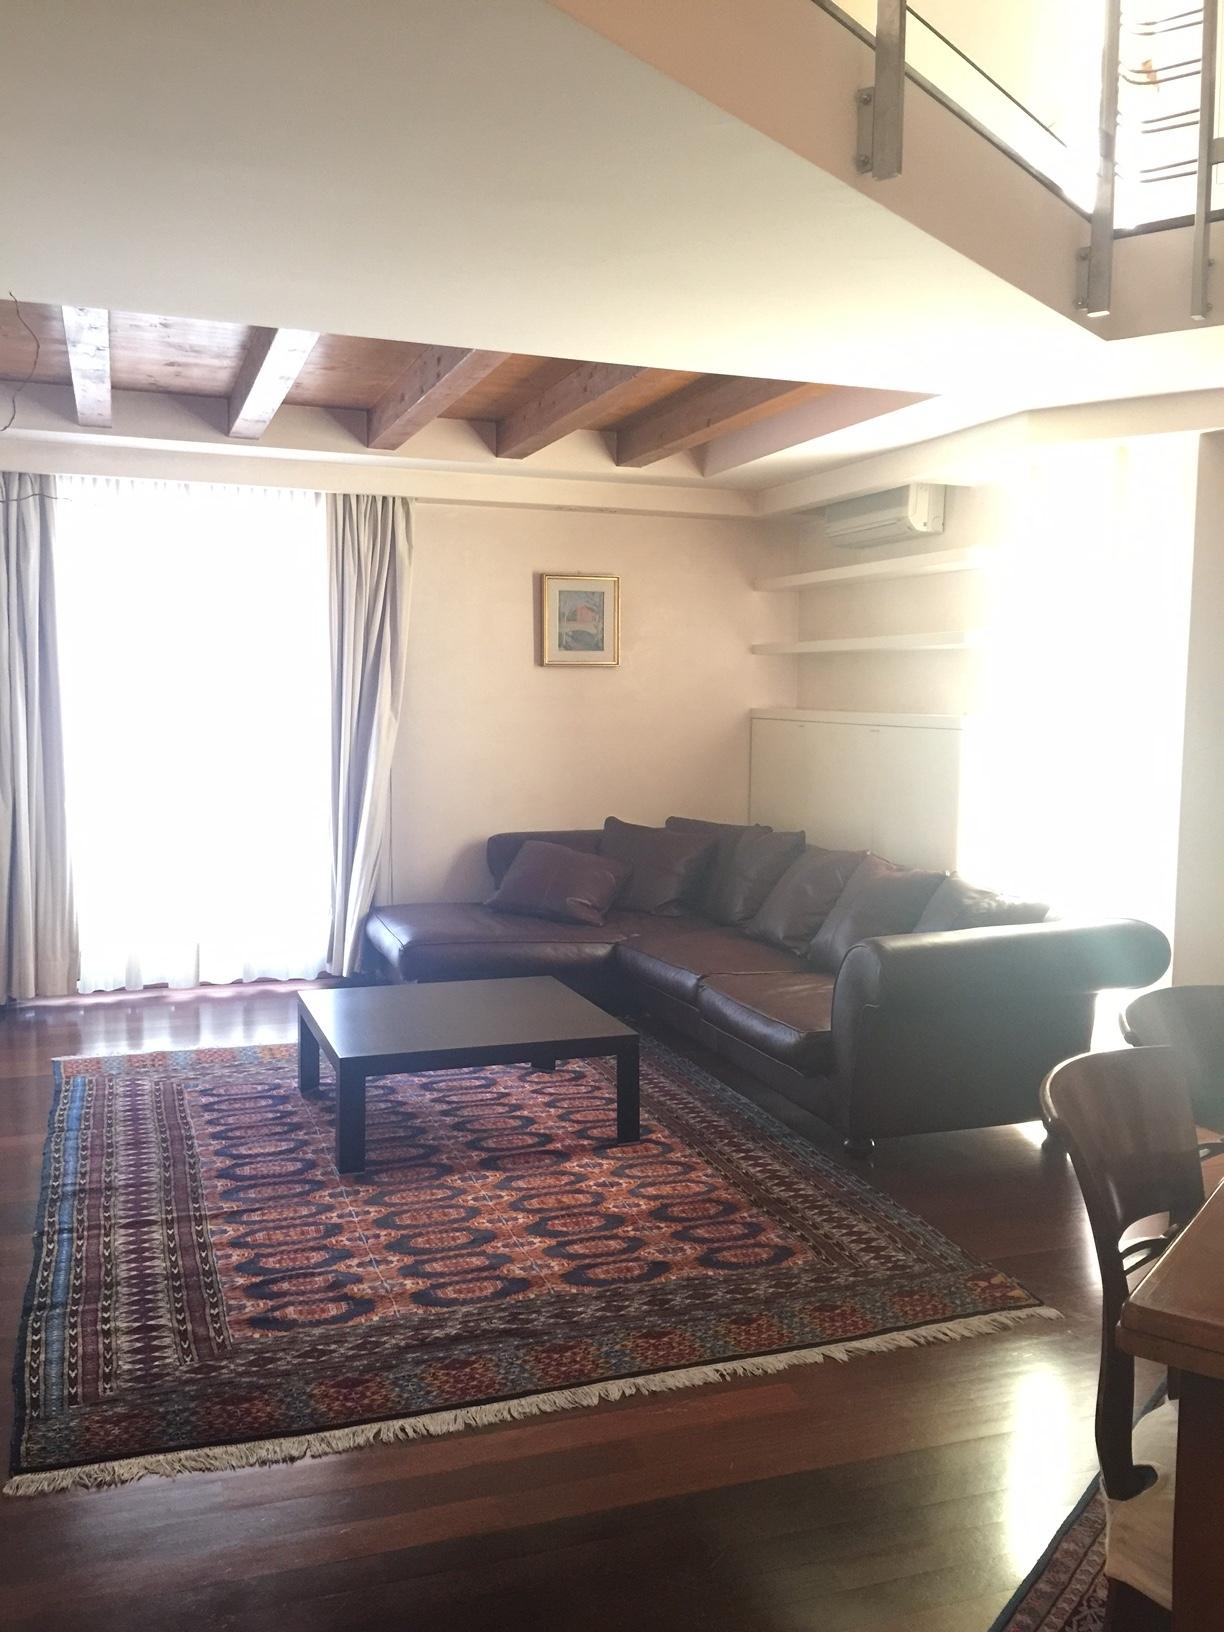 Appartamento in affitto a Treviso, 4 locali, zona Località: Centrostorico, prezzo € 2.000 | Cambio Casa.it